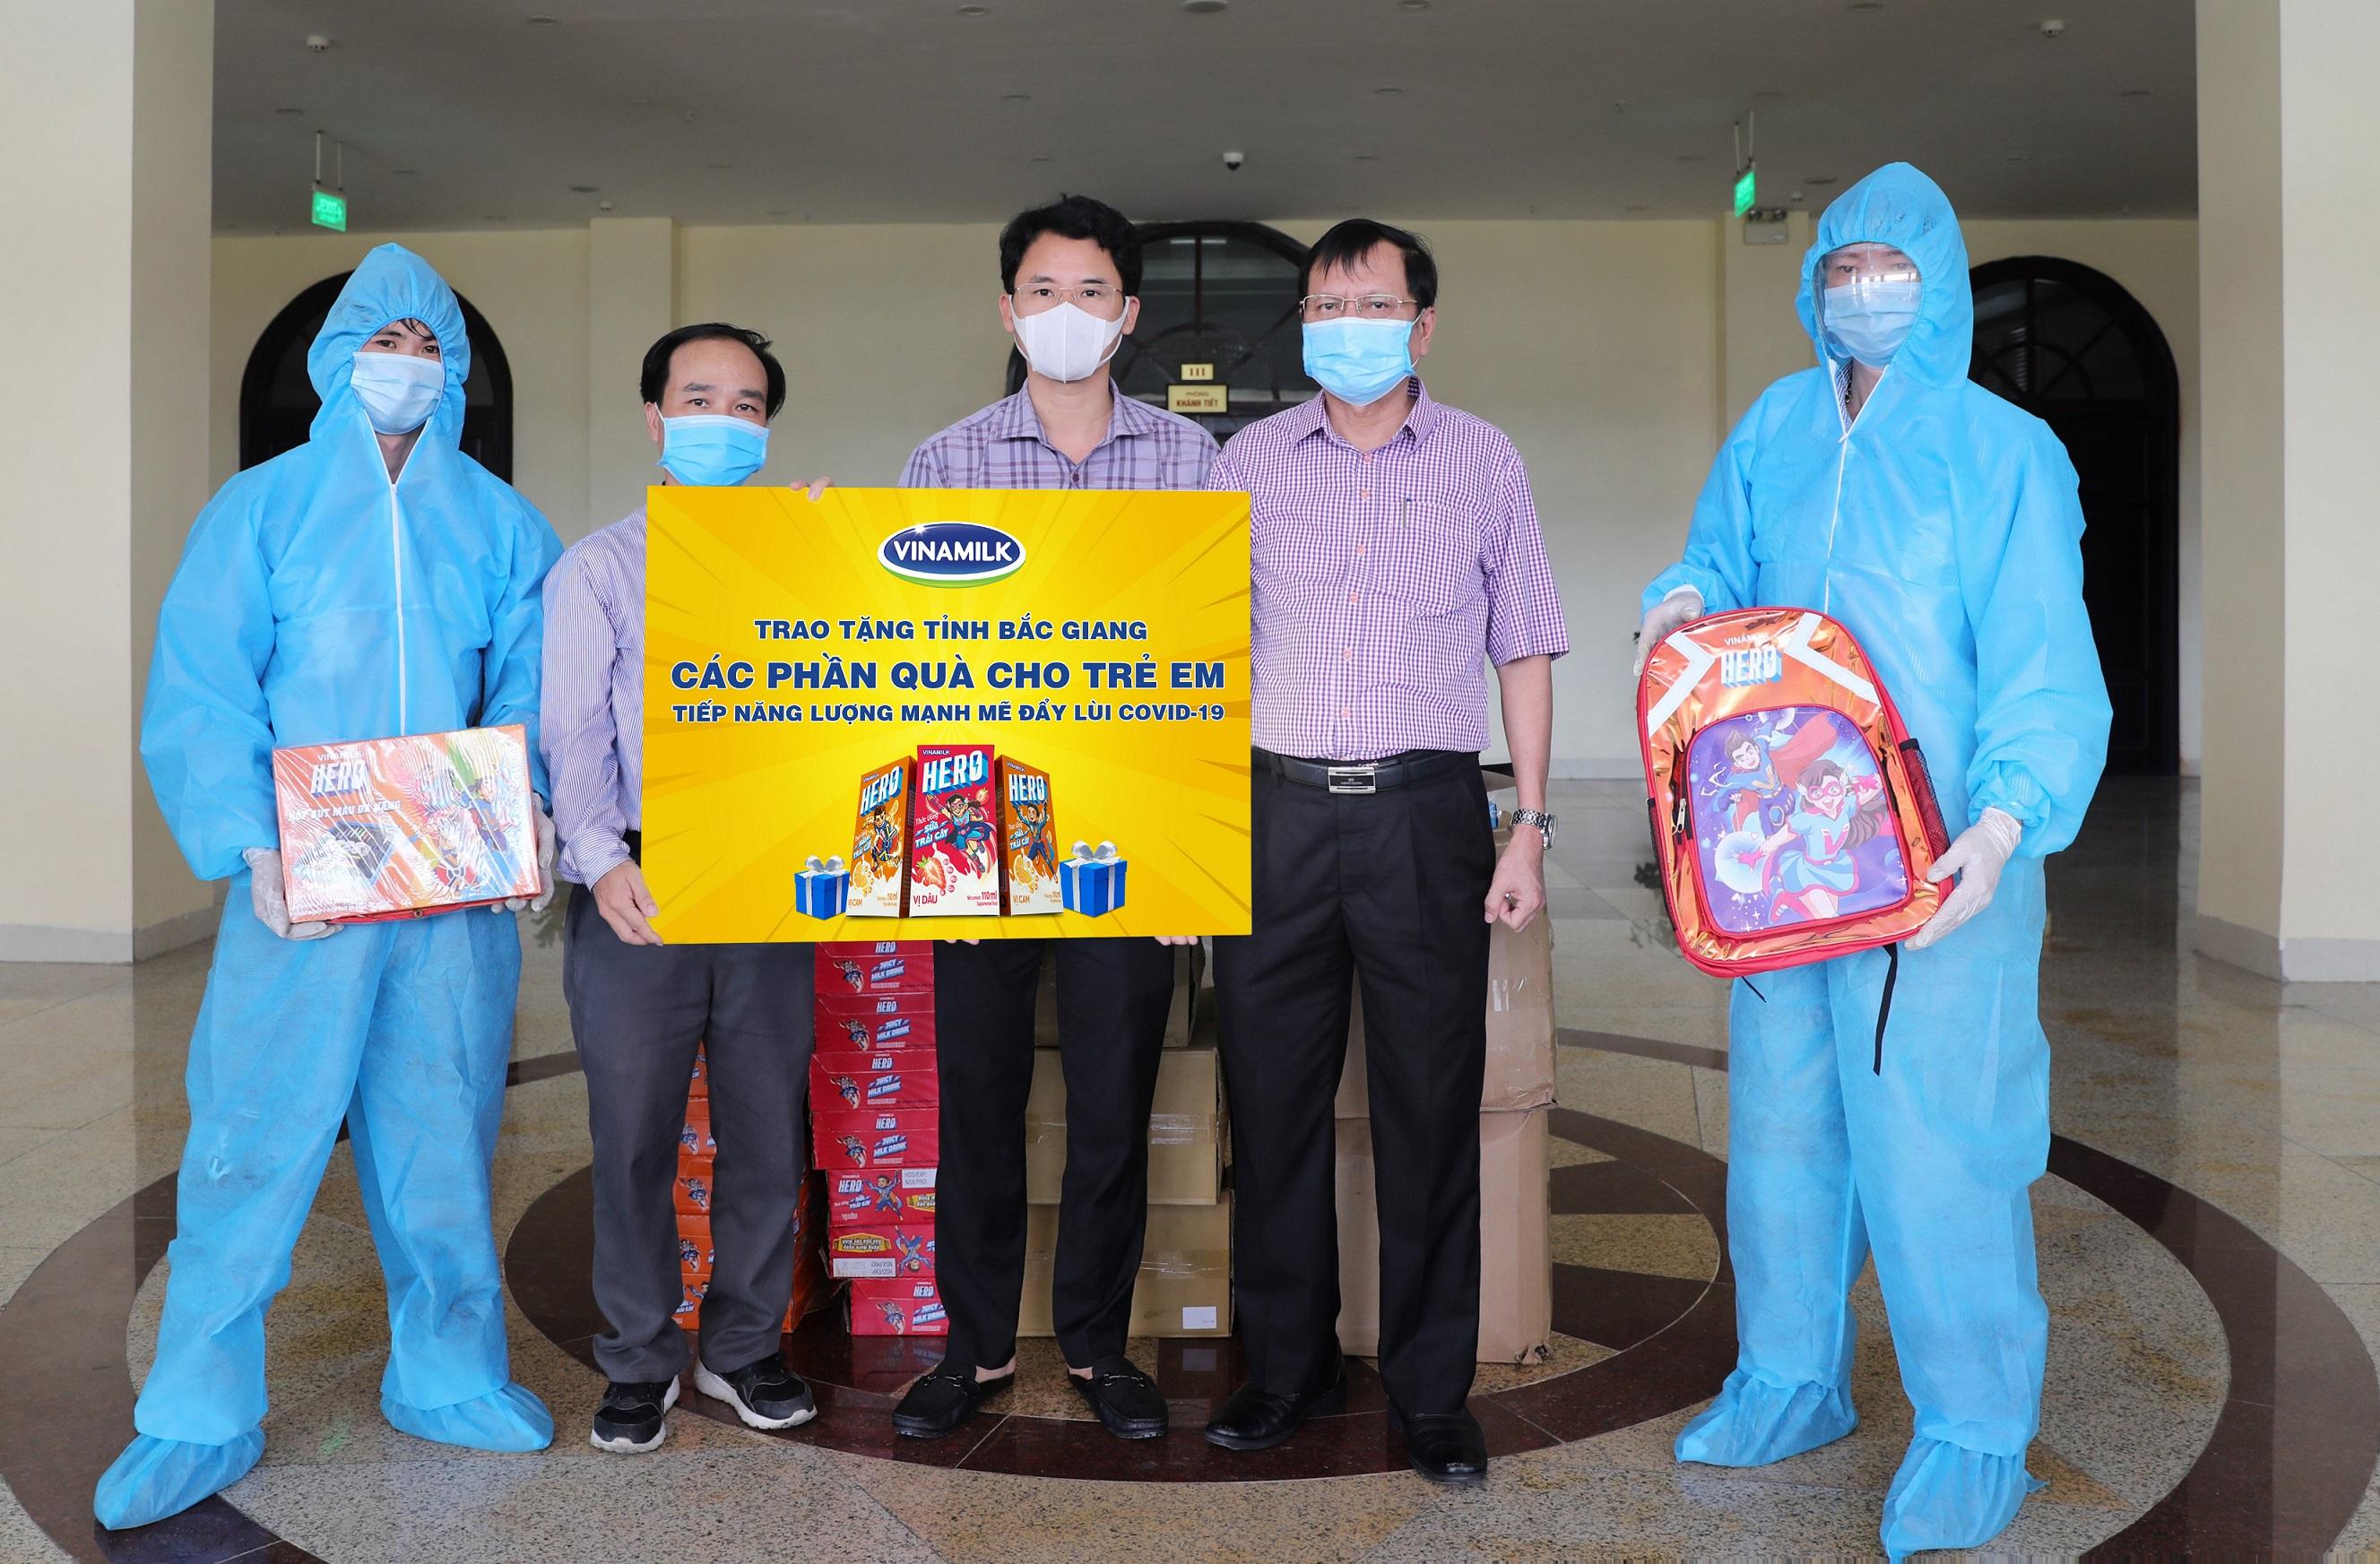 """""""Bạn khỏe mạnh, Việt Nam khỏe mạnh"""" - Chiến dịch của Vinamilk về sức khỏe cộng đồng và cùng ủng hộ Vaccine cho trẻ em 11"""